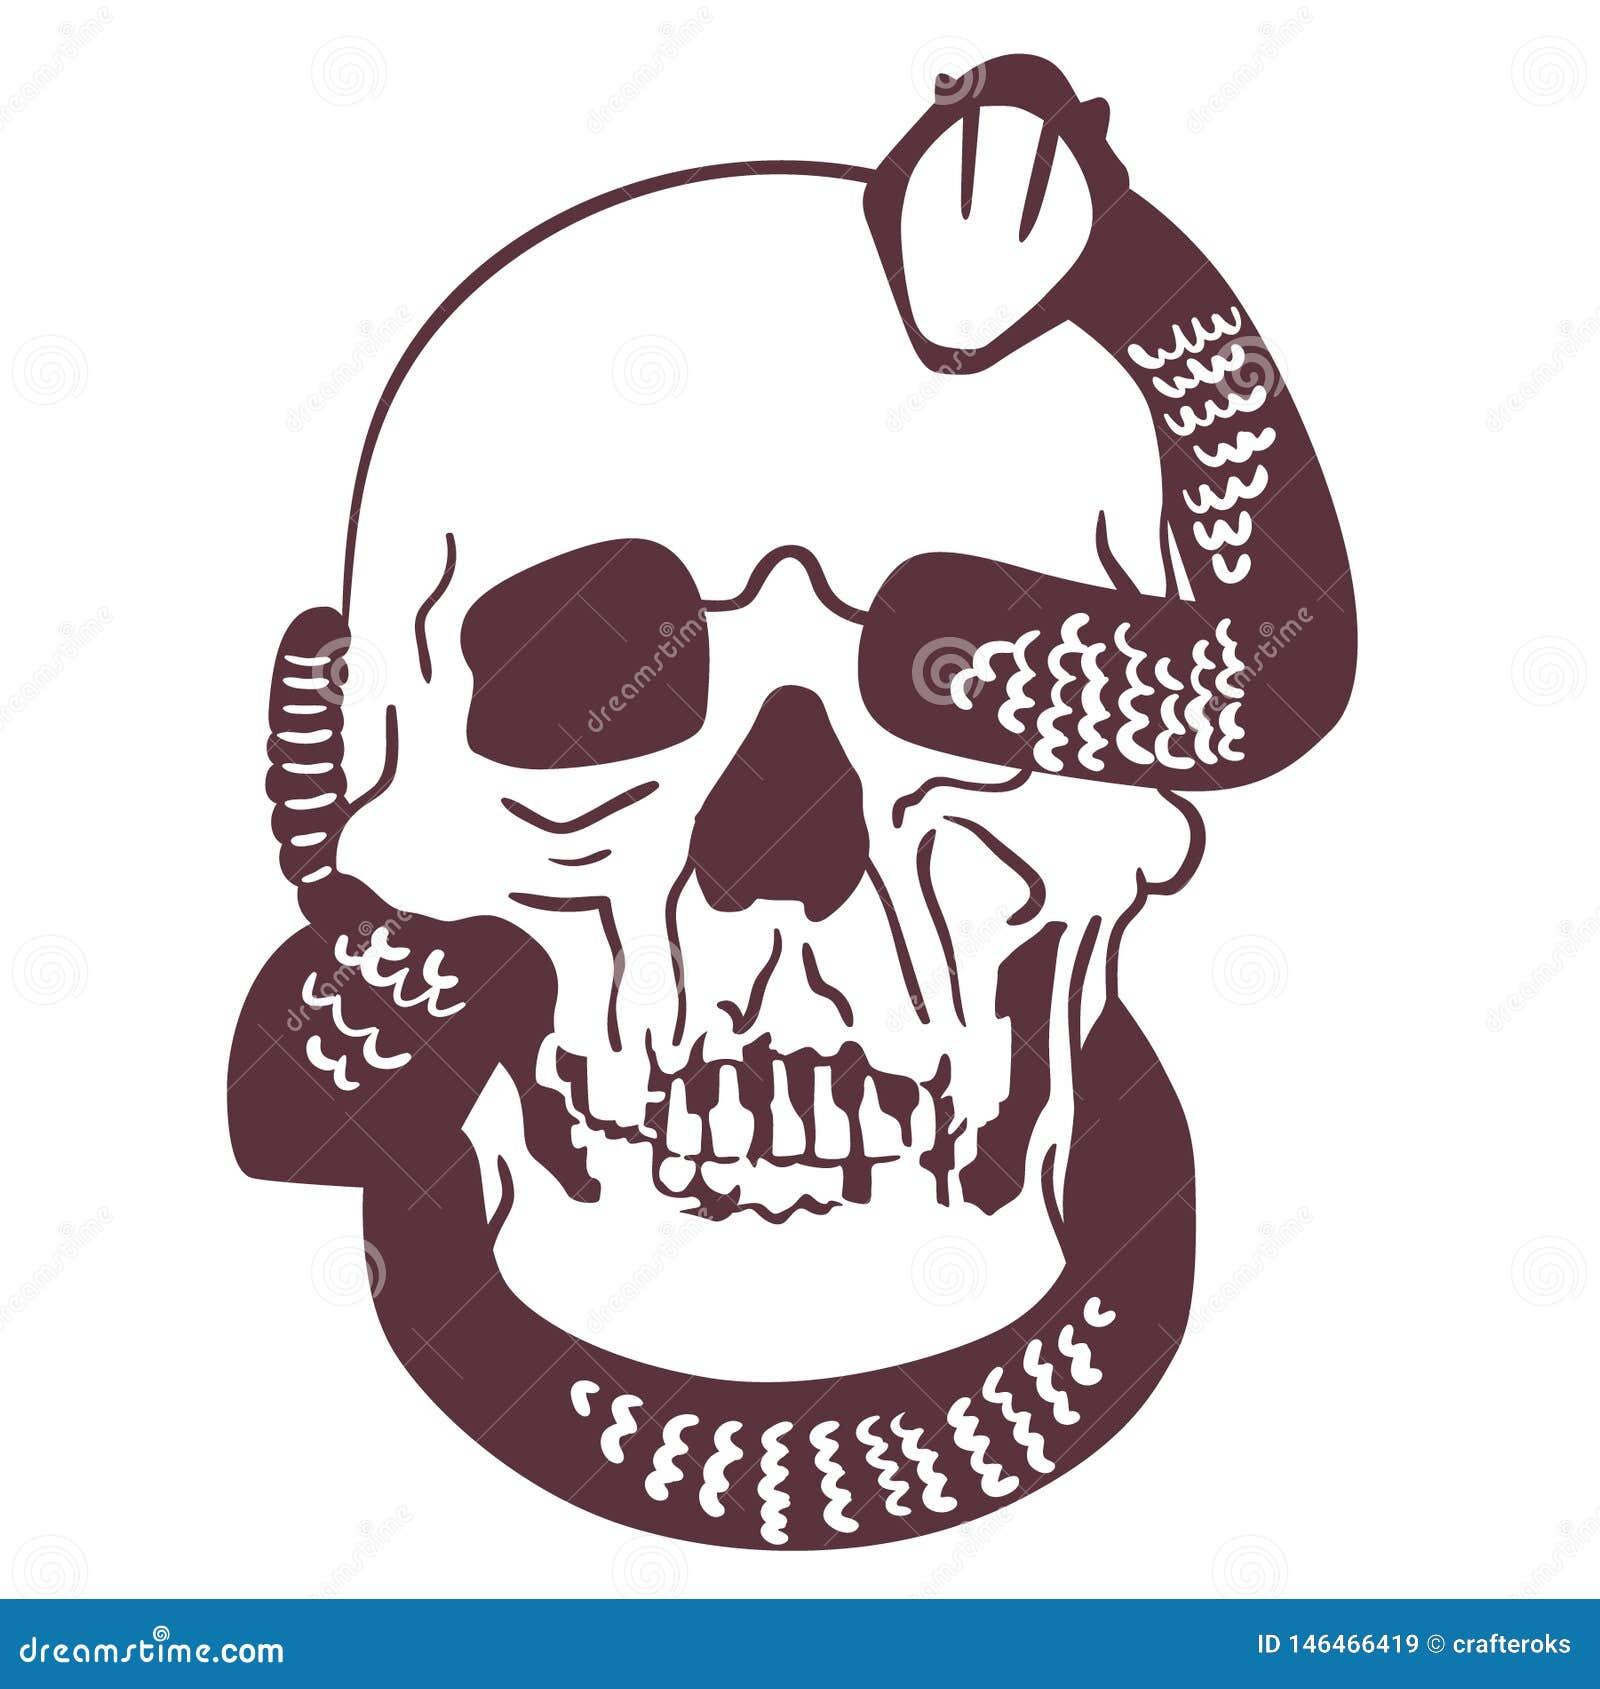 Vecteur ENV tir? par la main, vecteur, ENV, logo, ic?ne, illustration de serpent ? sonnettes de silhouette par des crafteroks pou